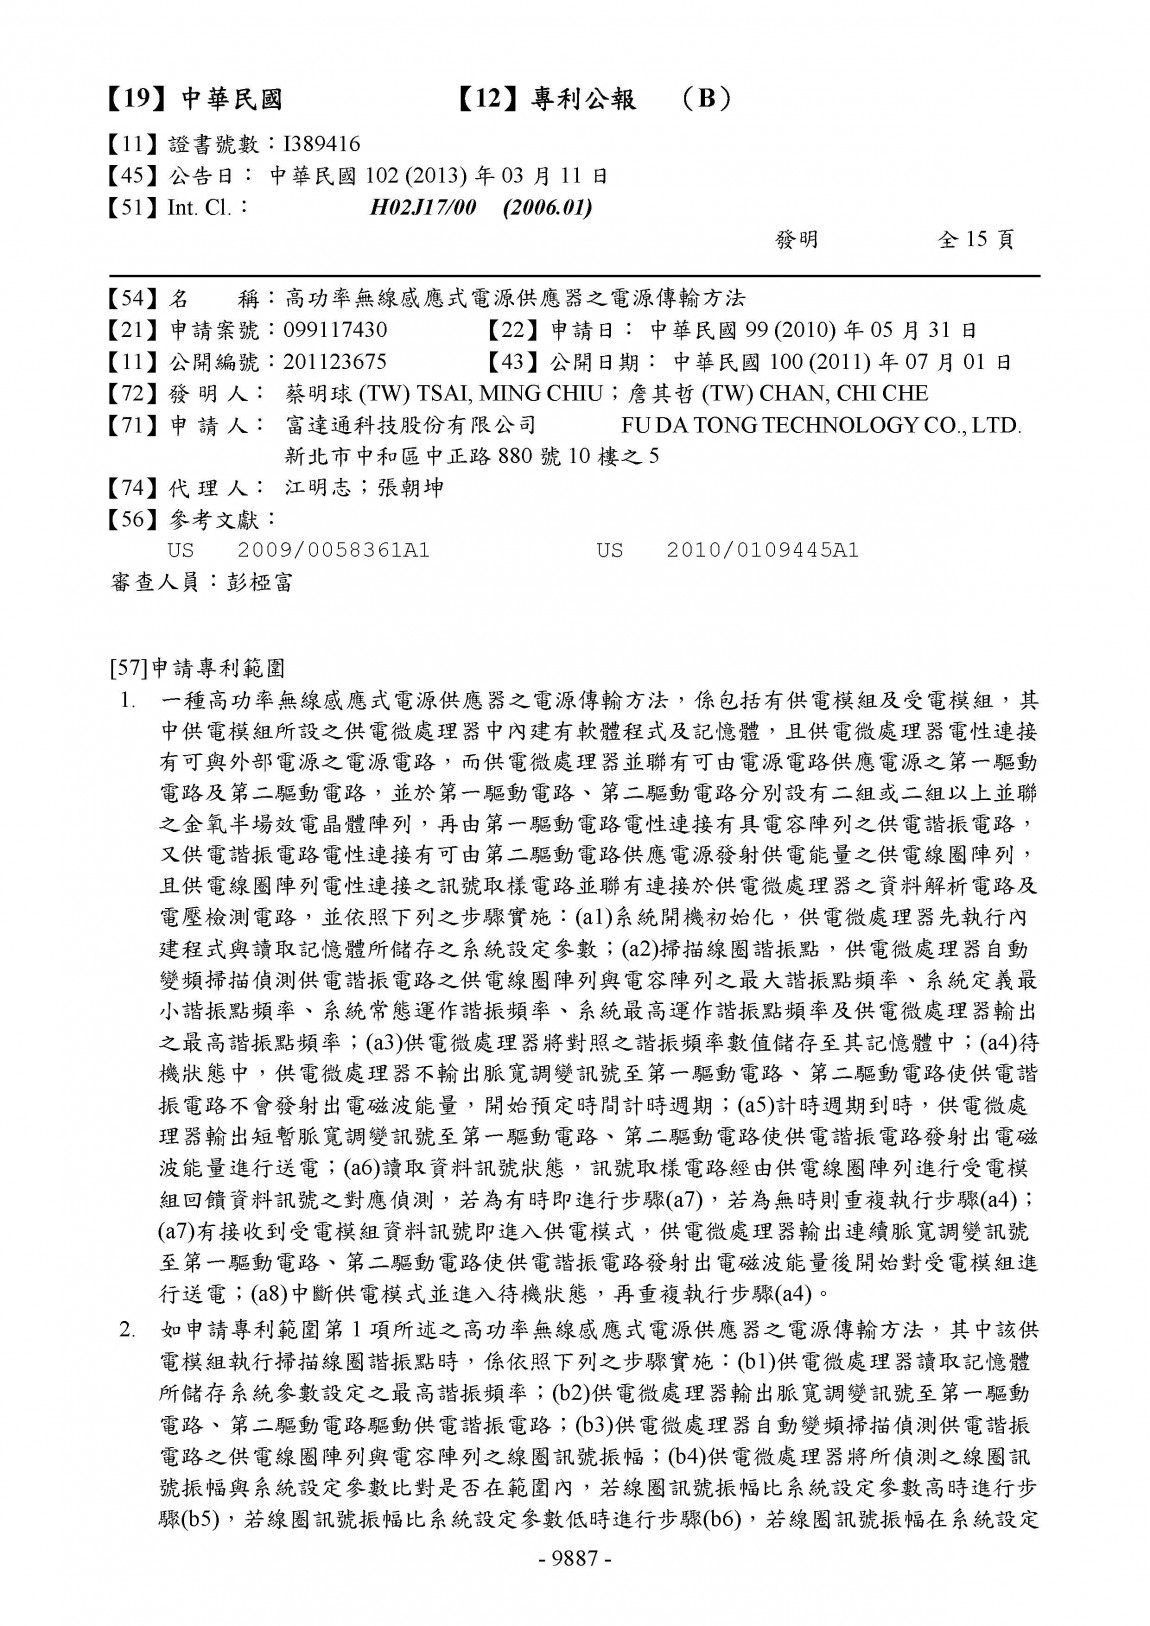 富達通專利08-高功率無線感應式電源供應器之電源傳輸方法(台灣專利公報)I389416